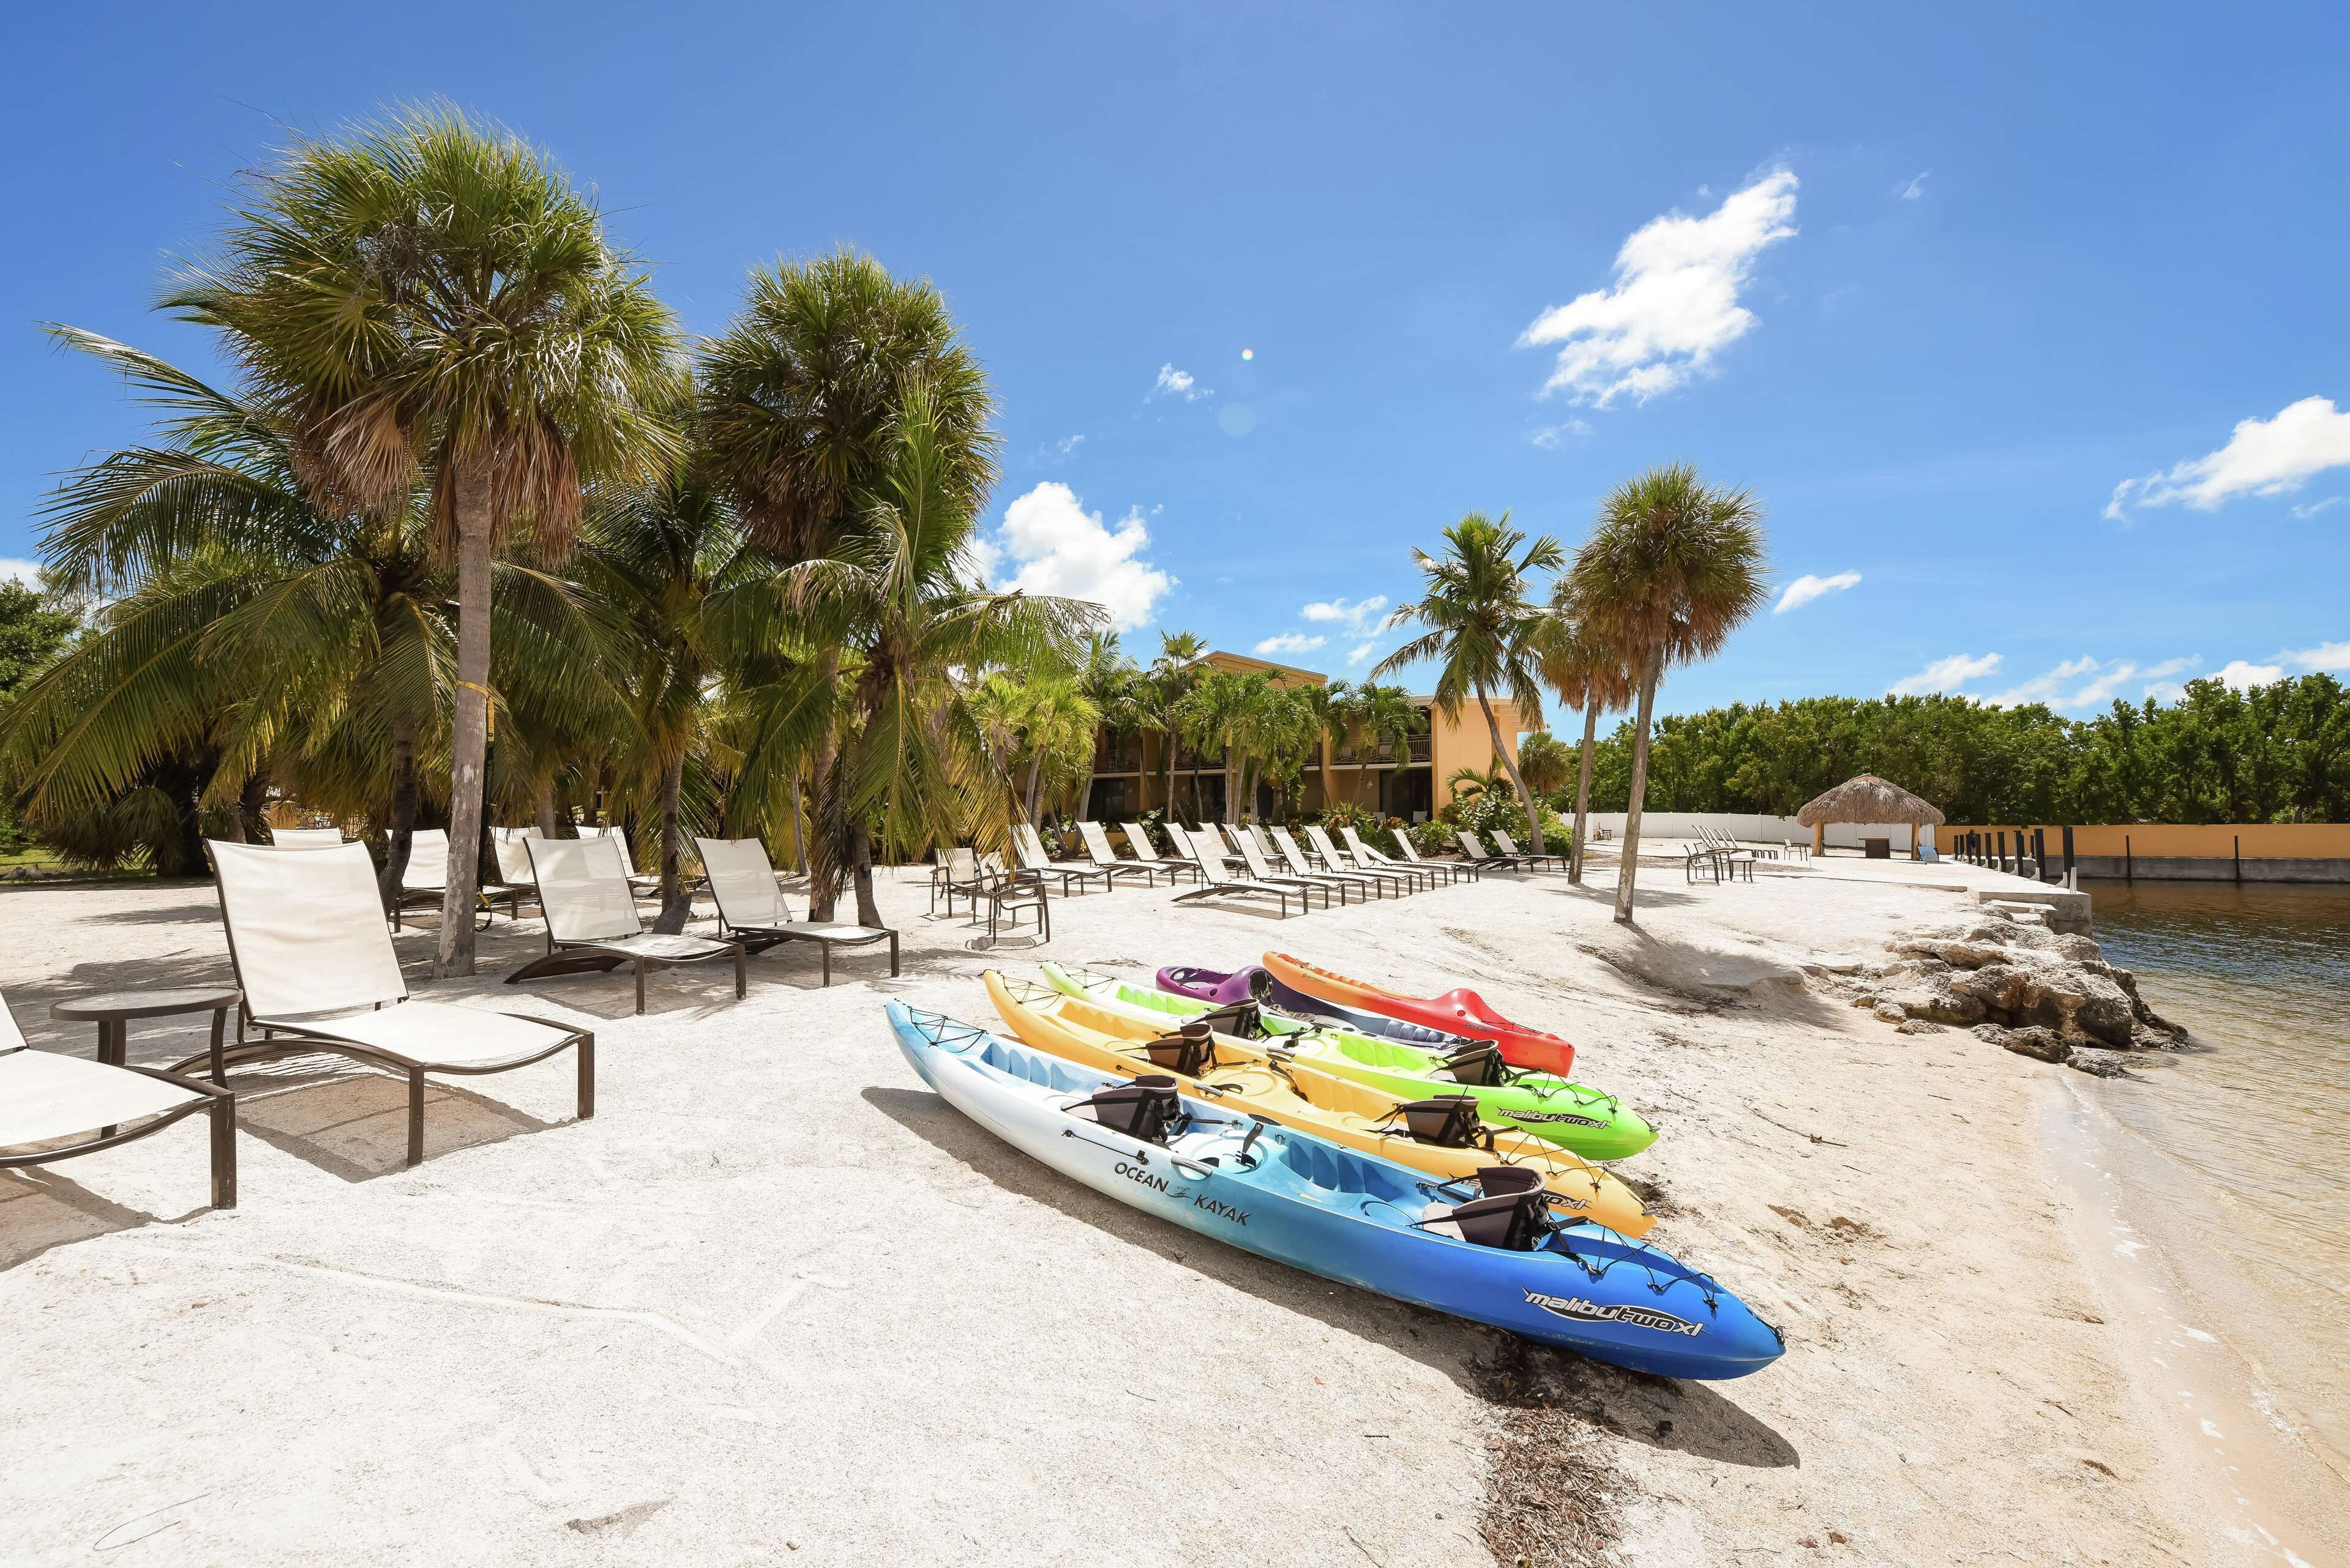 Courtesy of Hampton Inn Key Largo Manatee Bay / Expedia